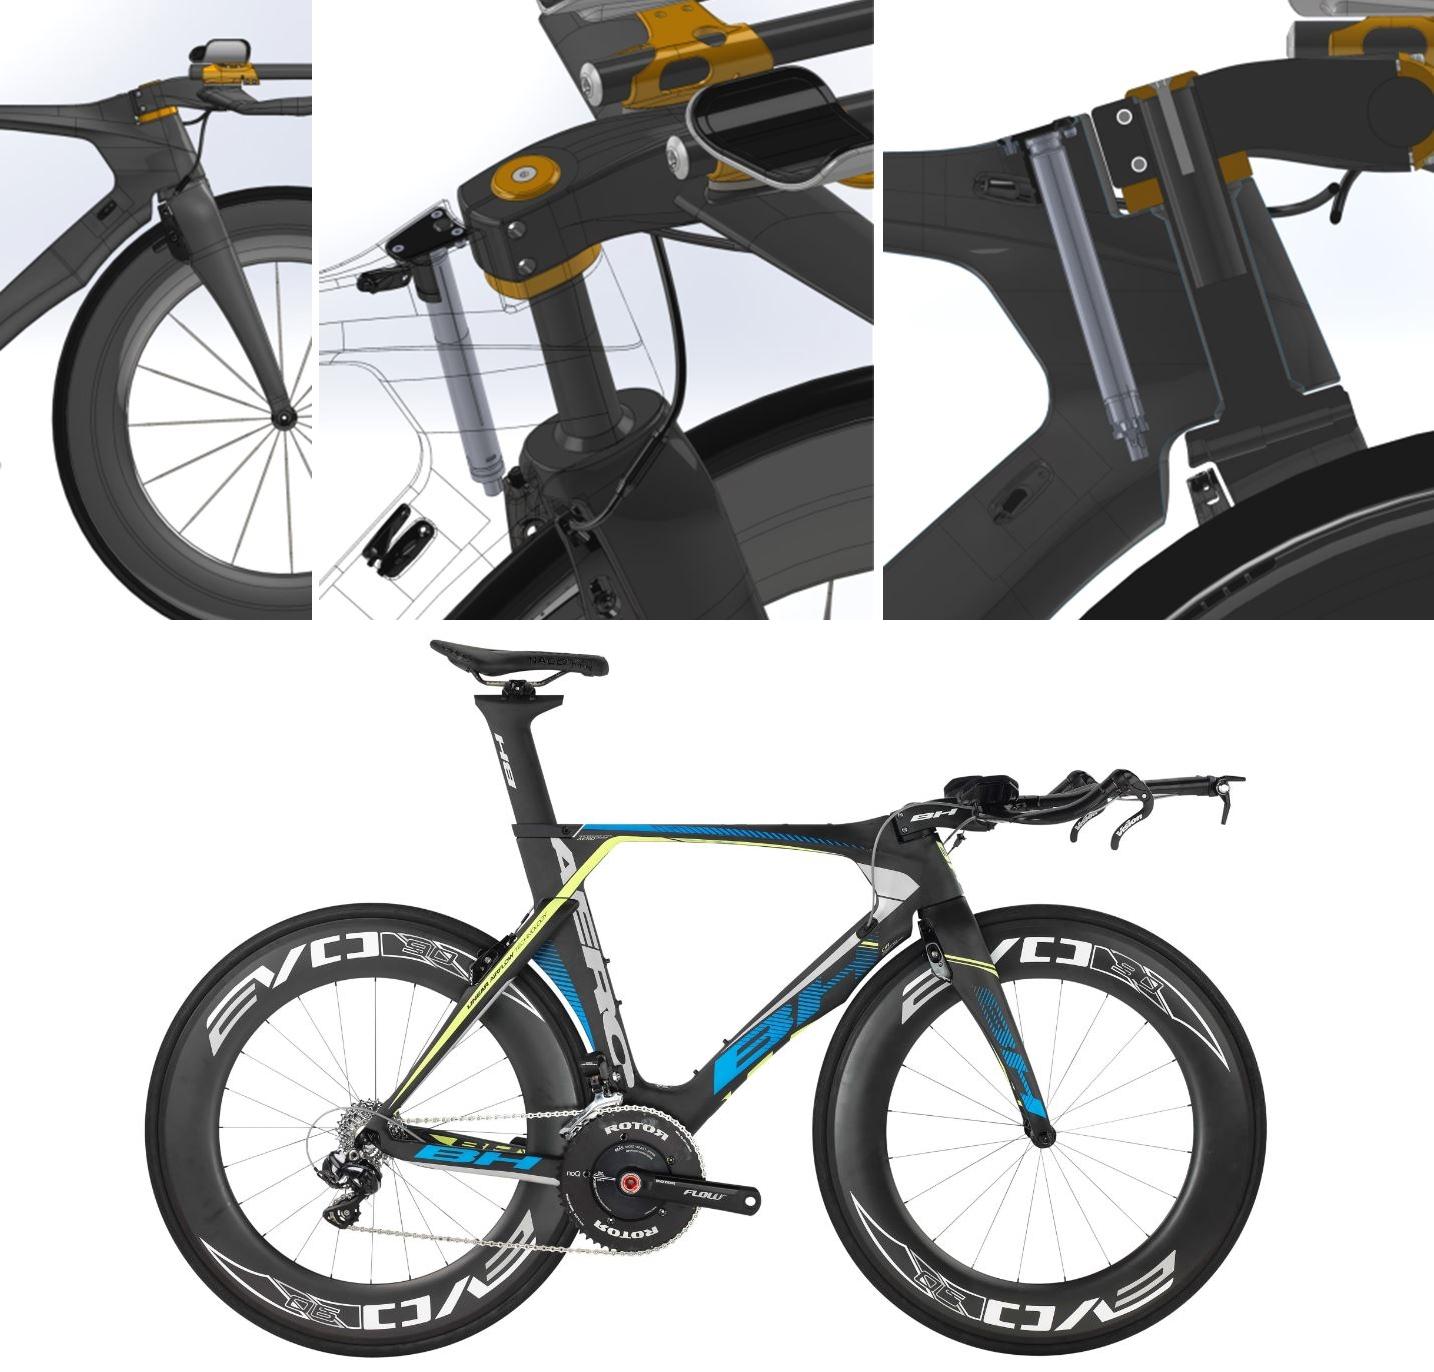 אופני הטריאתלון - עם מקום לסוללת ה Di2 מאחורי צינור הראש